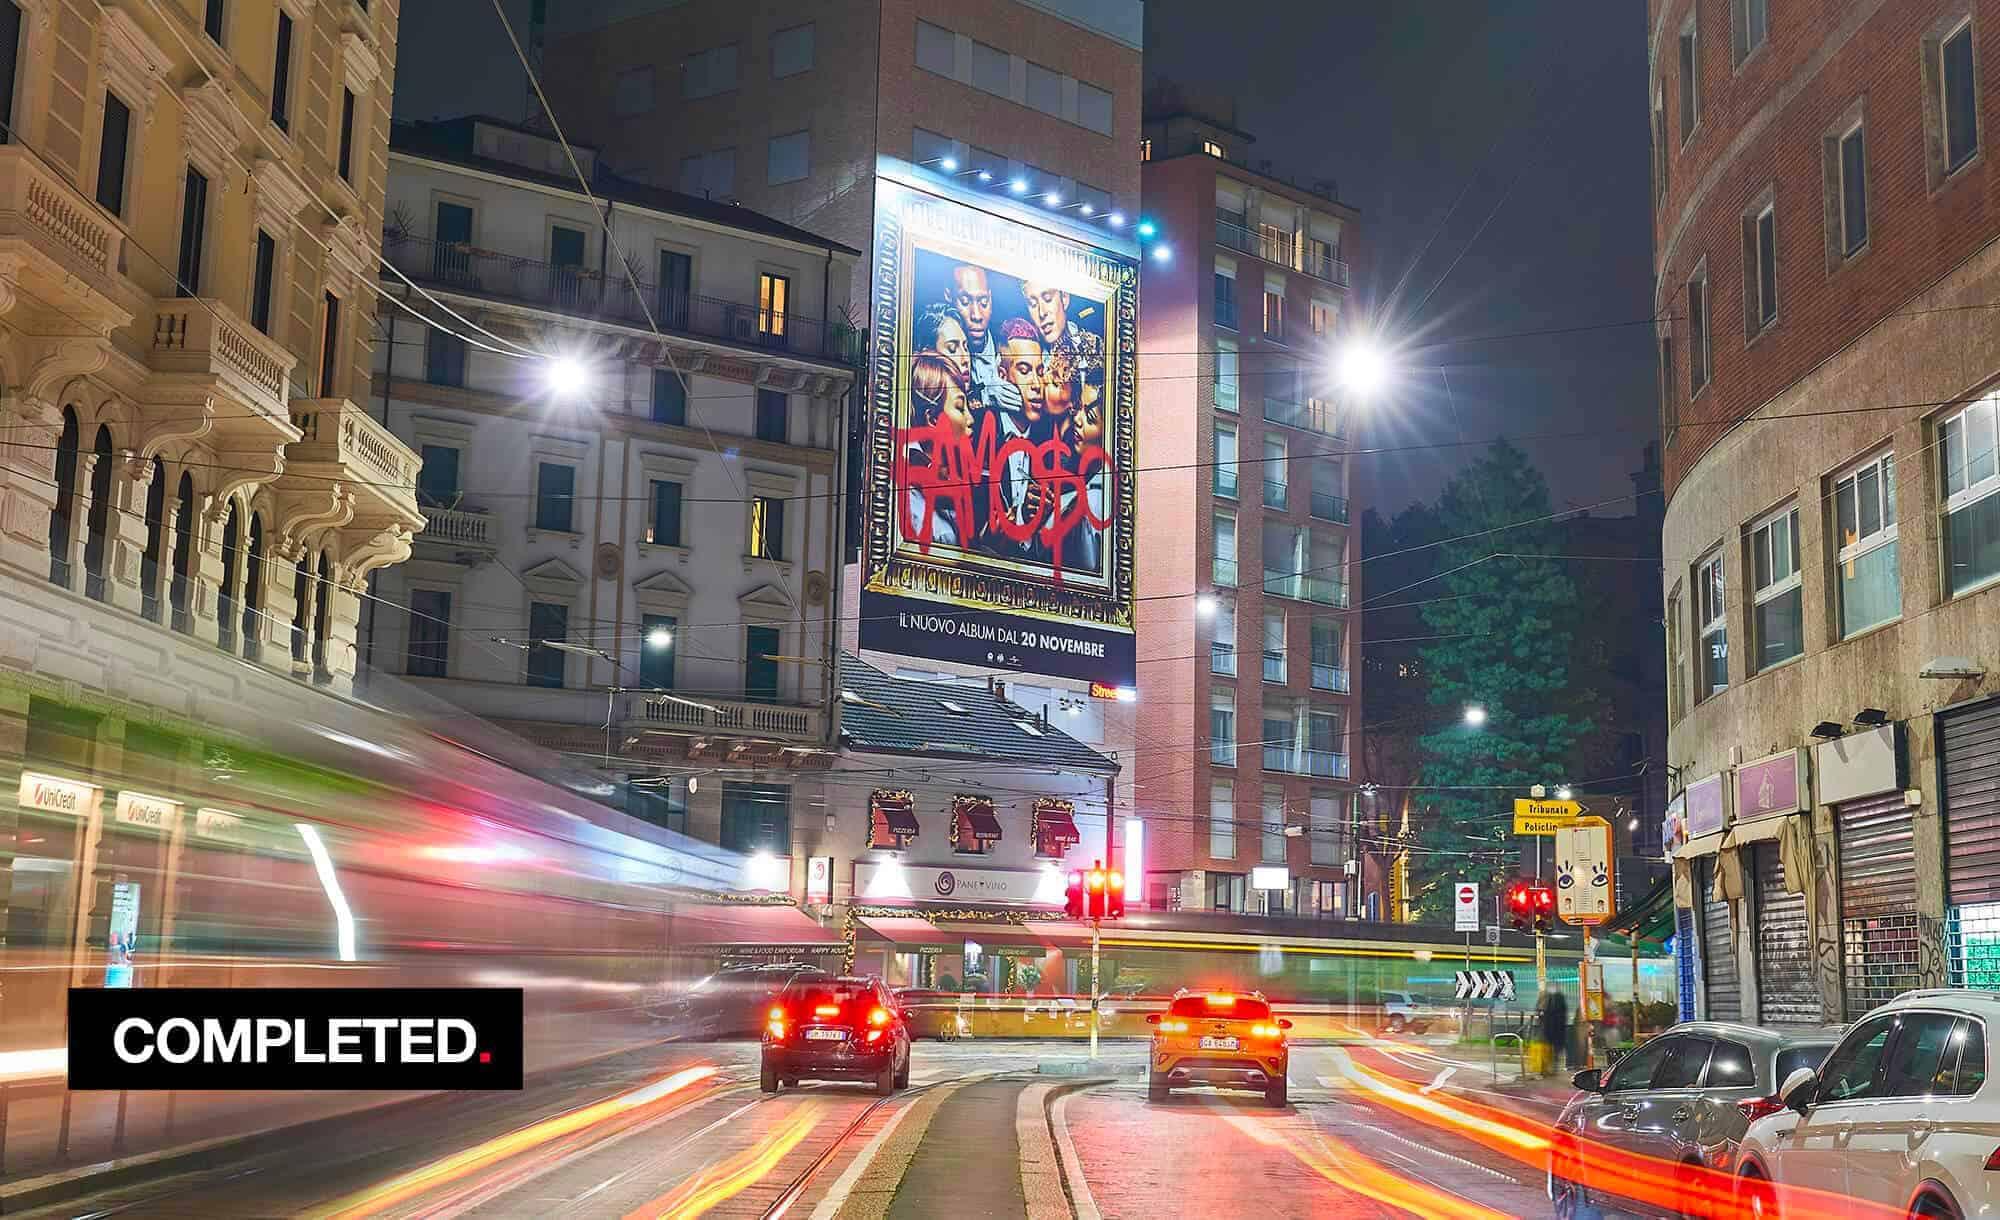 Maxi Affissione a Milano in Largo Carrobbio con Universal Music e Sfera Ebbasta (Entertainment)